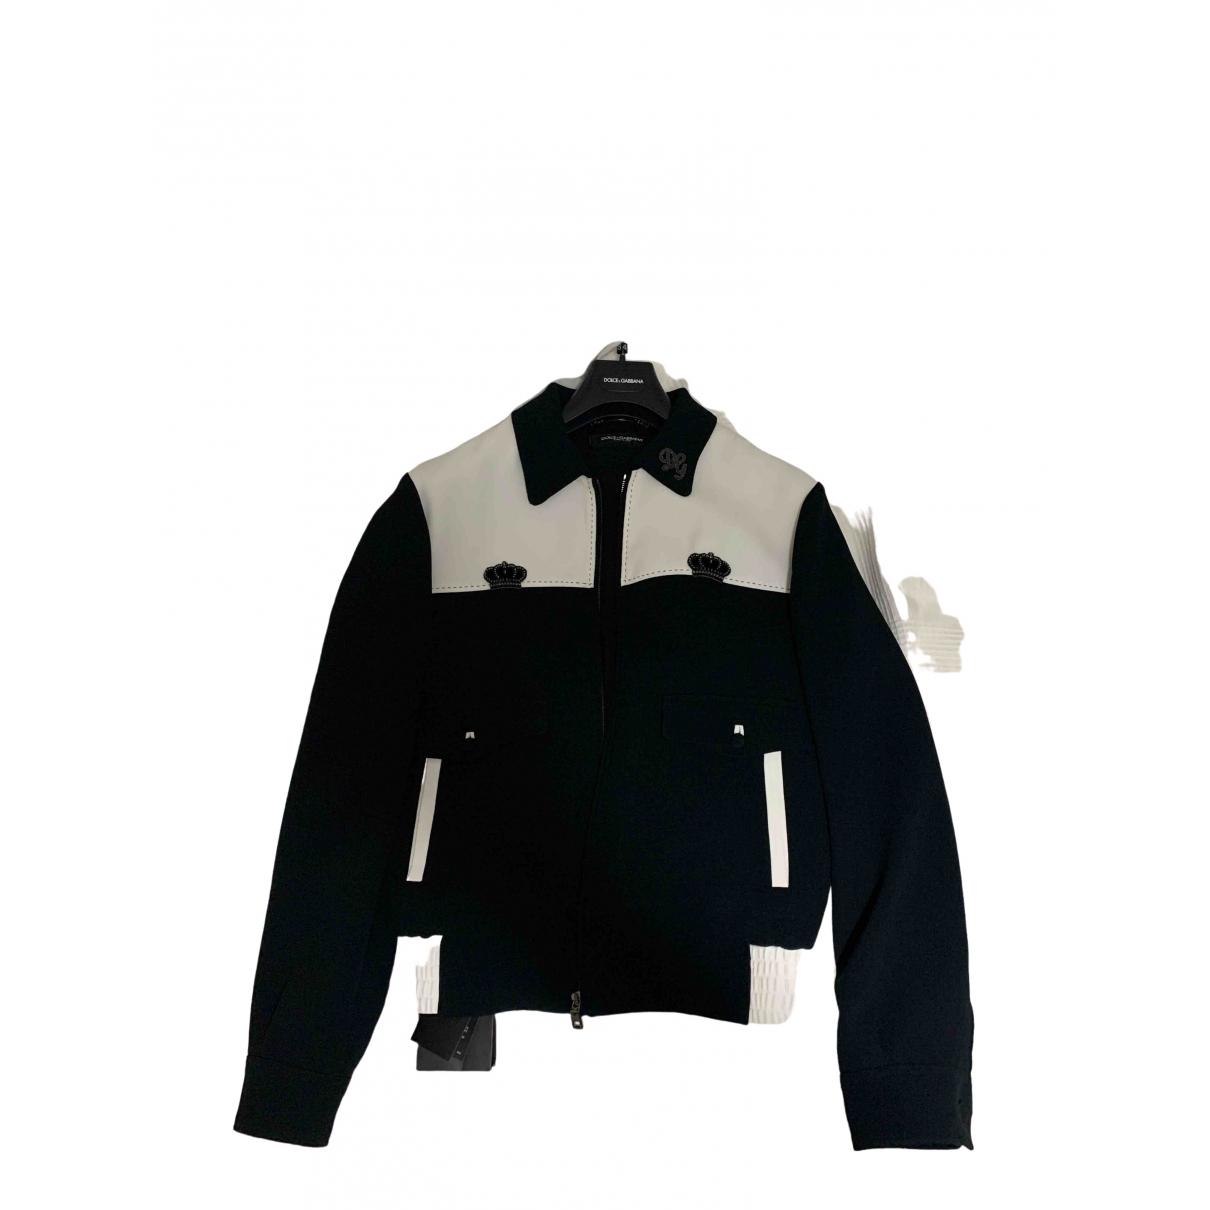 Dolce & Gabbana \N Jacke in  Bunt Wolle